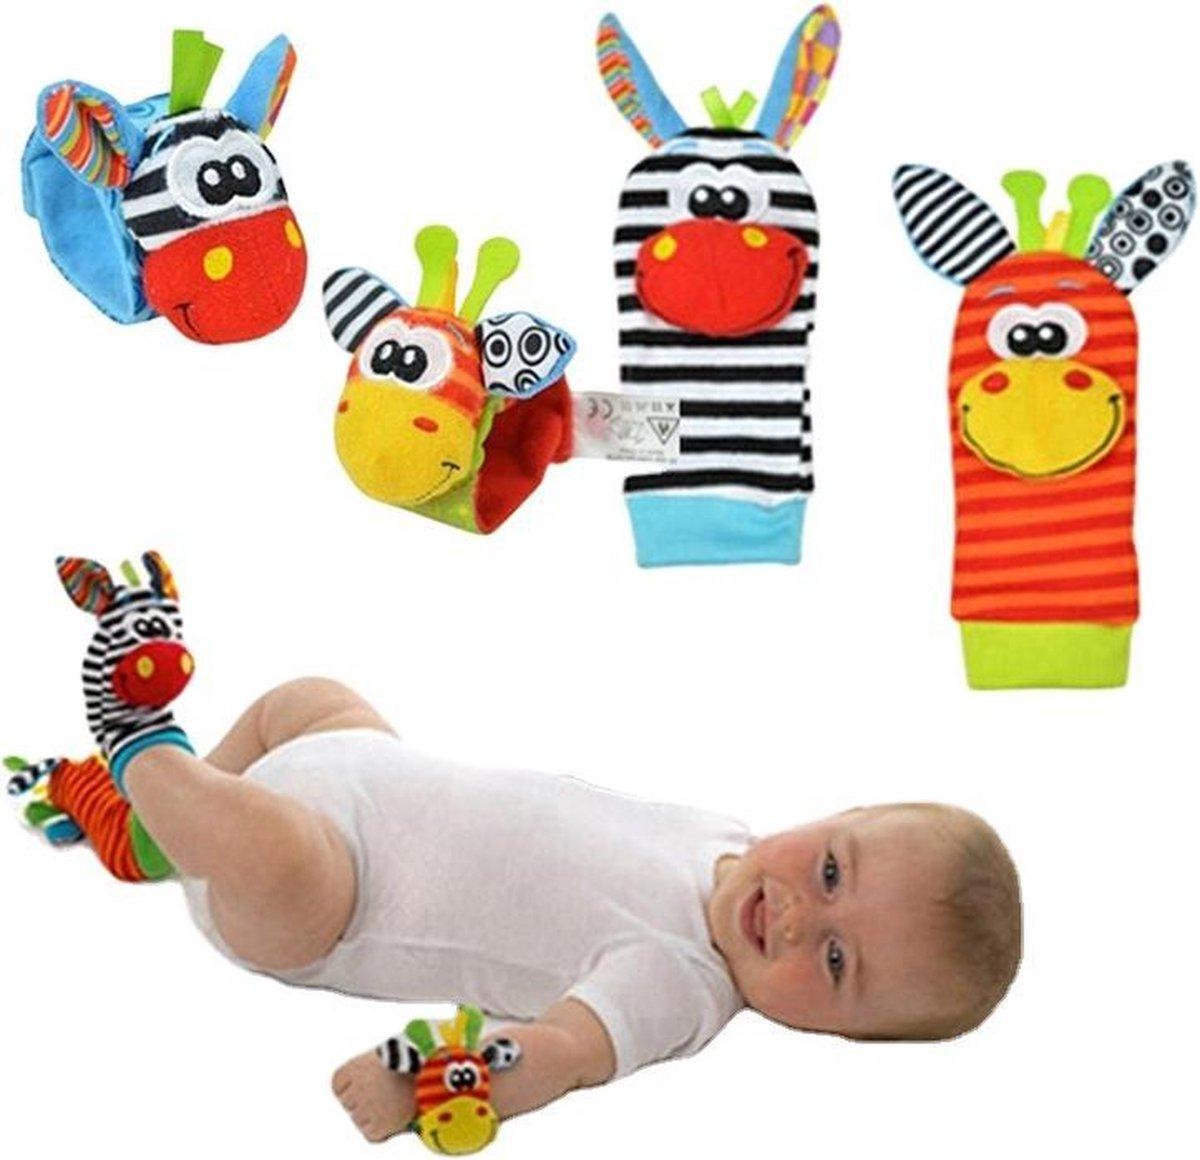 Baby rammelaar | Baby rammelaar sokjes en rammelaar armbanden|4-delig rammelaar set